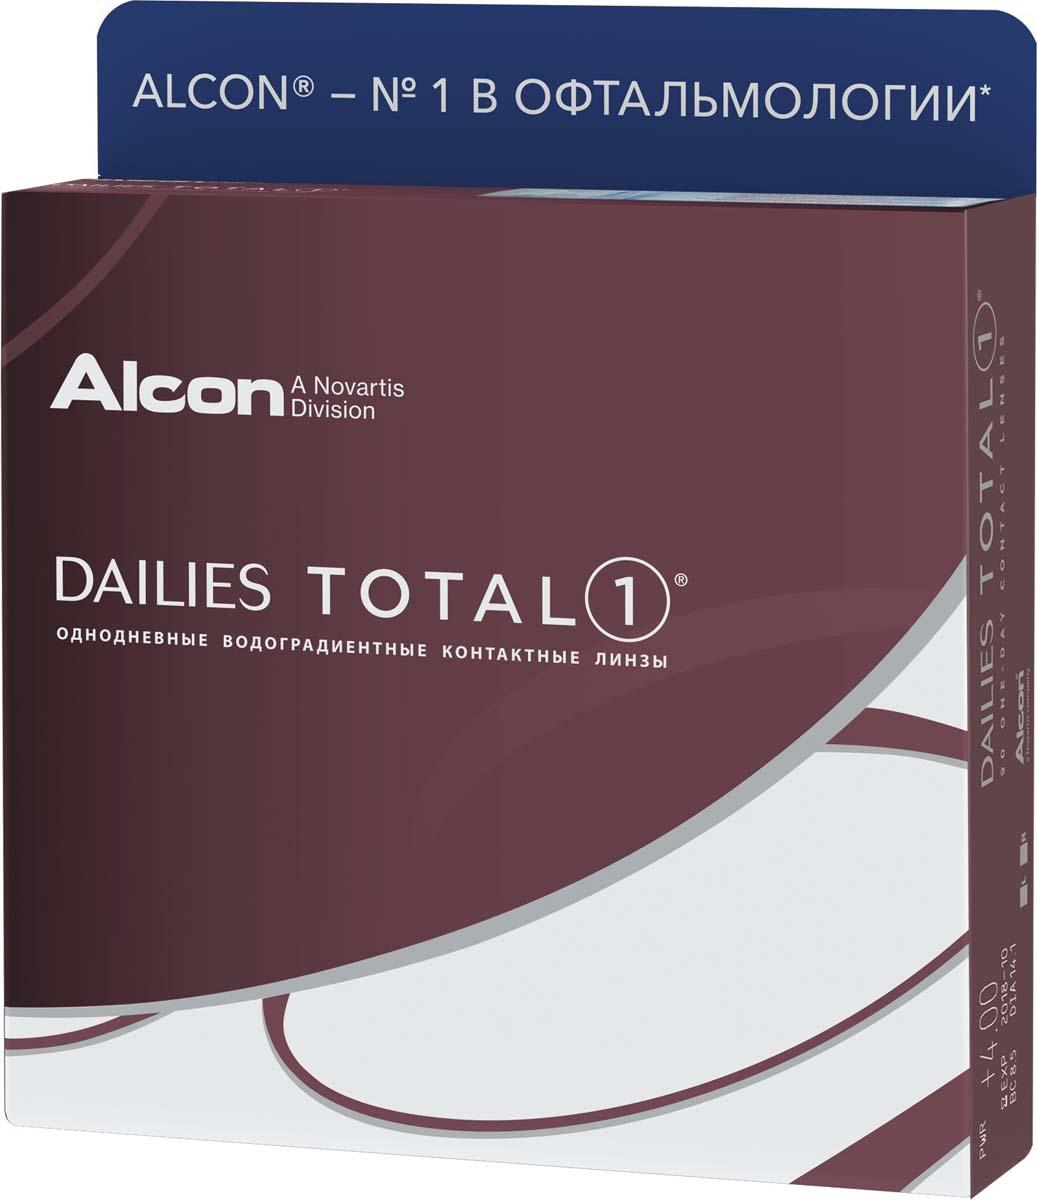 Аlcon Контактные линзы Dailies Total 90 шт /+1.00 /8.5 /14.1